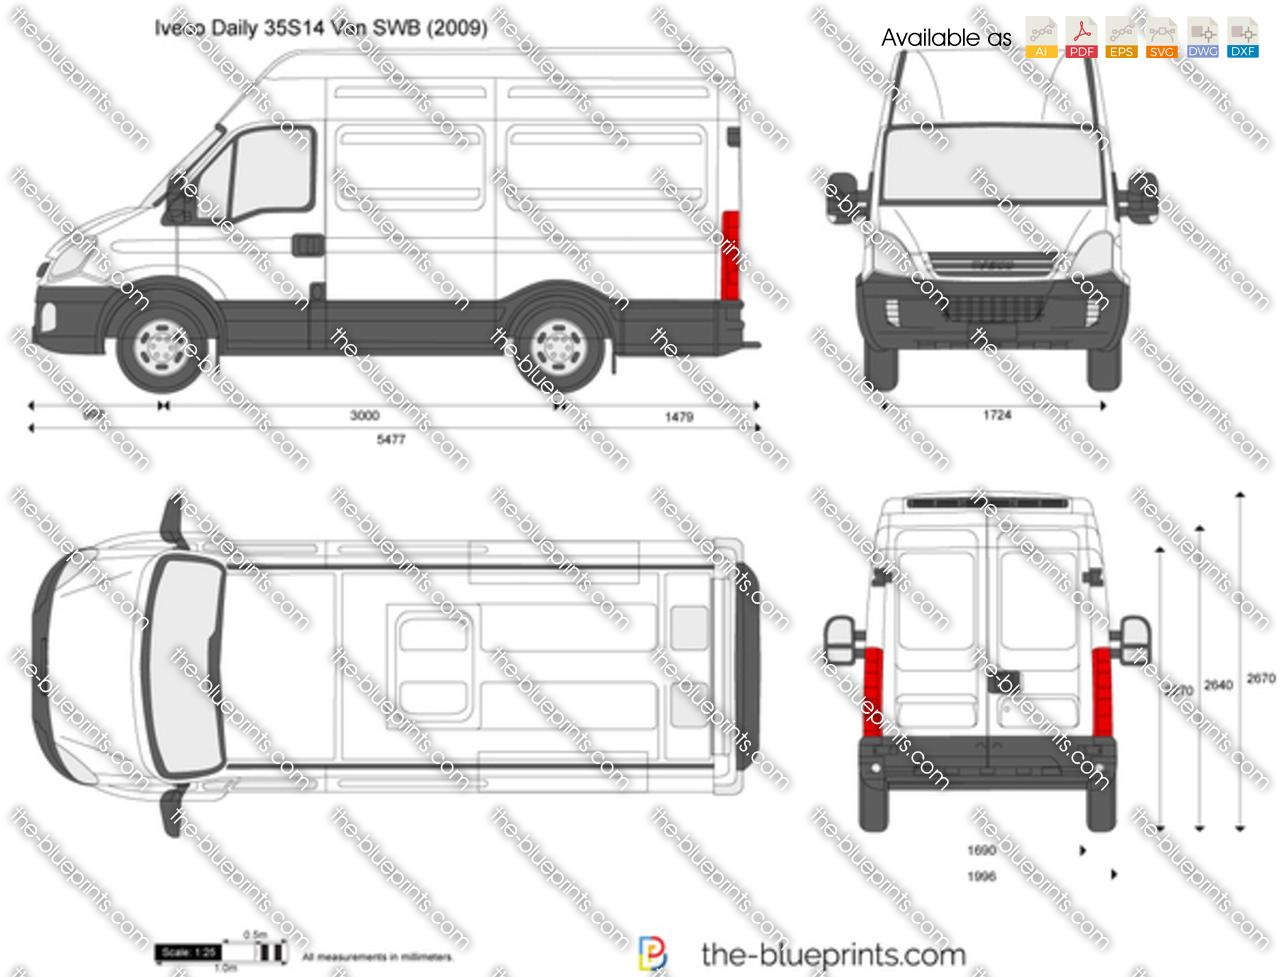 Iveco Daily 35S14 Van SWB 2011